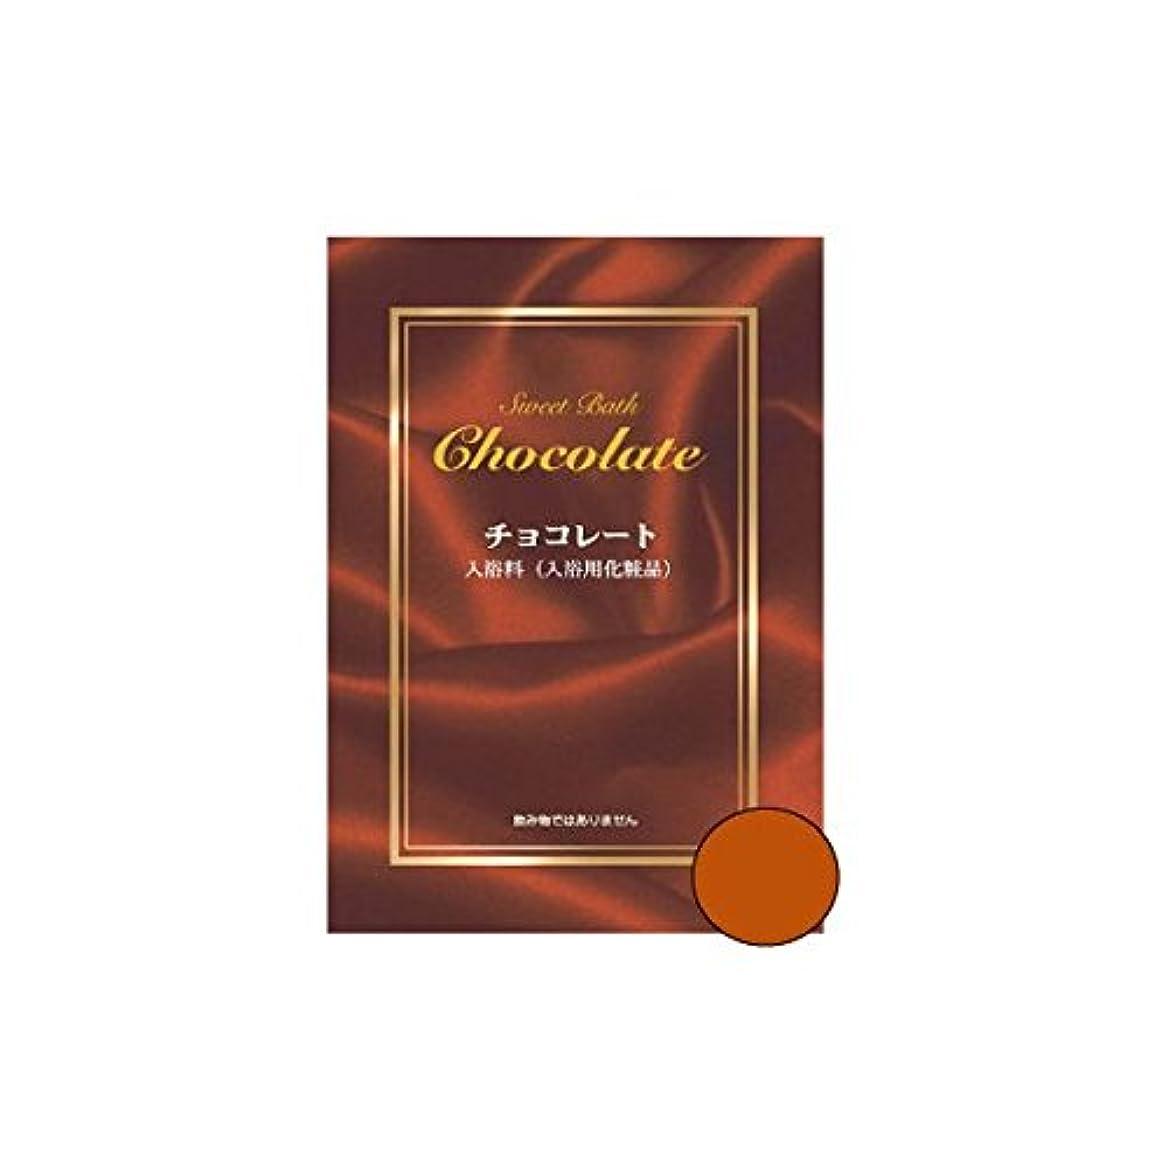 ハード剥ぎ取る穏やかな【10包】スウィートバス チョコレート入浴料